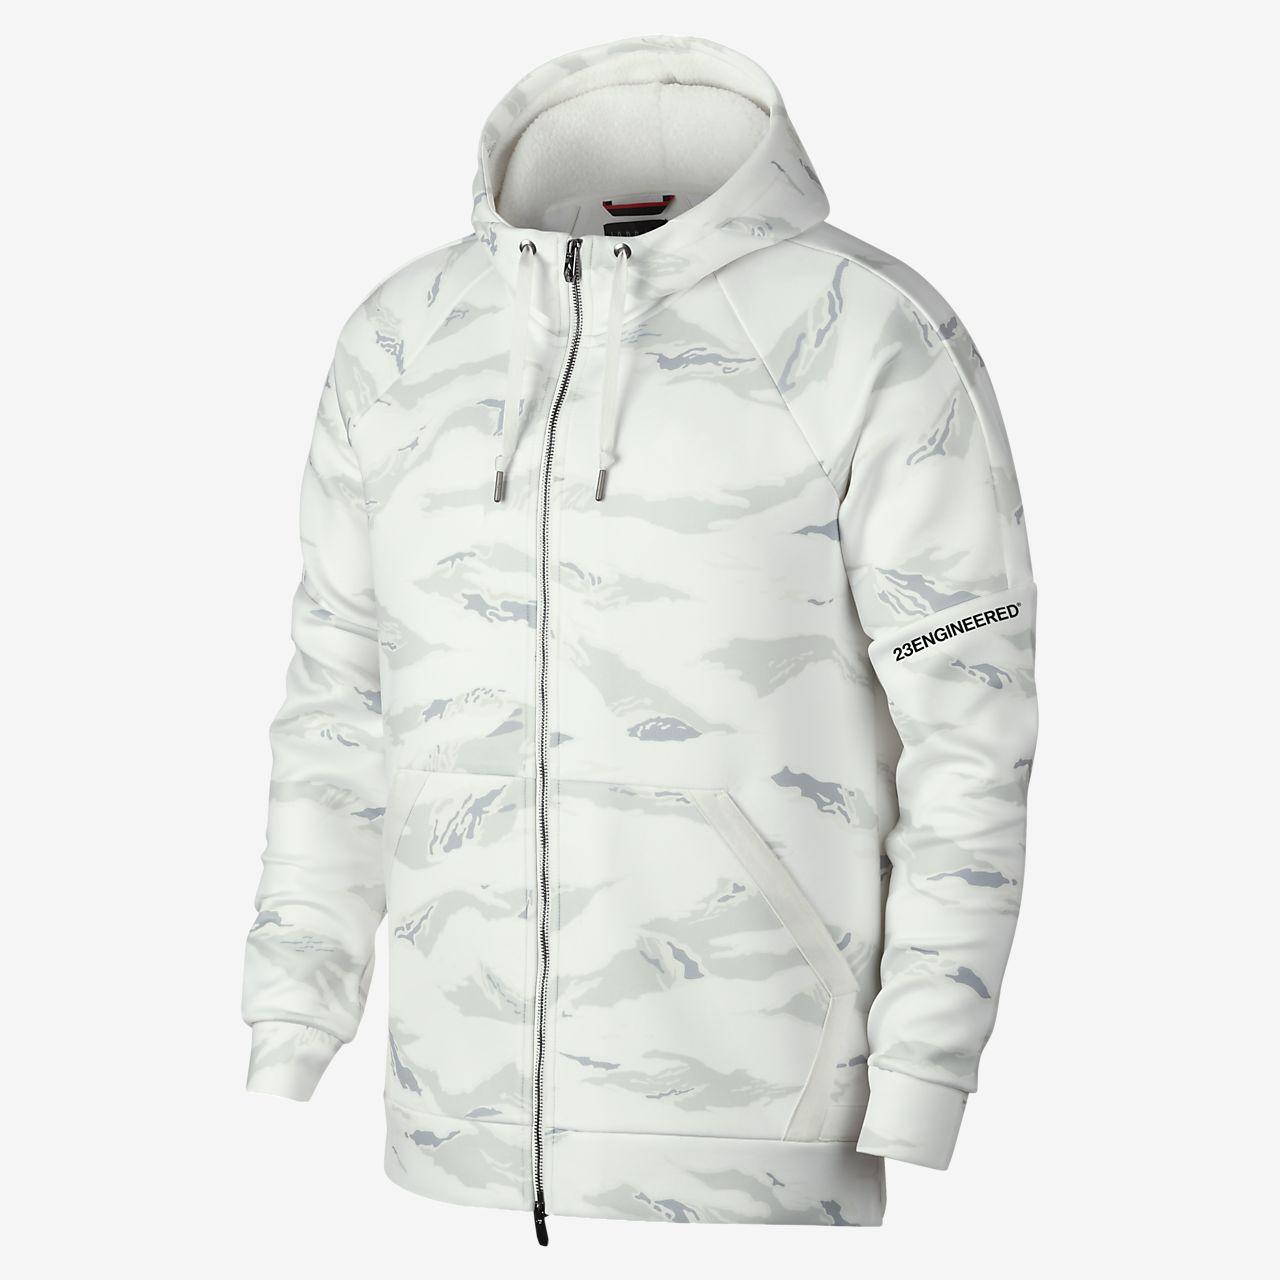 5bf84ee064f187 Jordan Sportswear Flight Tech Men s Camo Full-Zip Hoodie. Nike.com BE